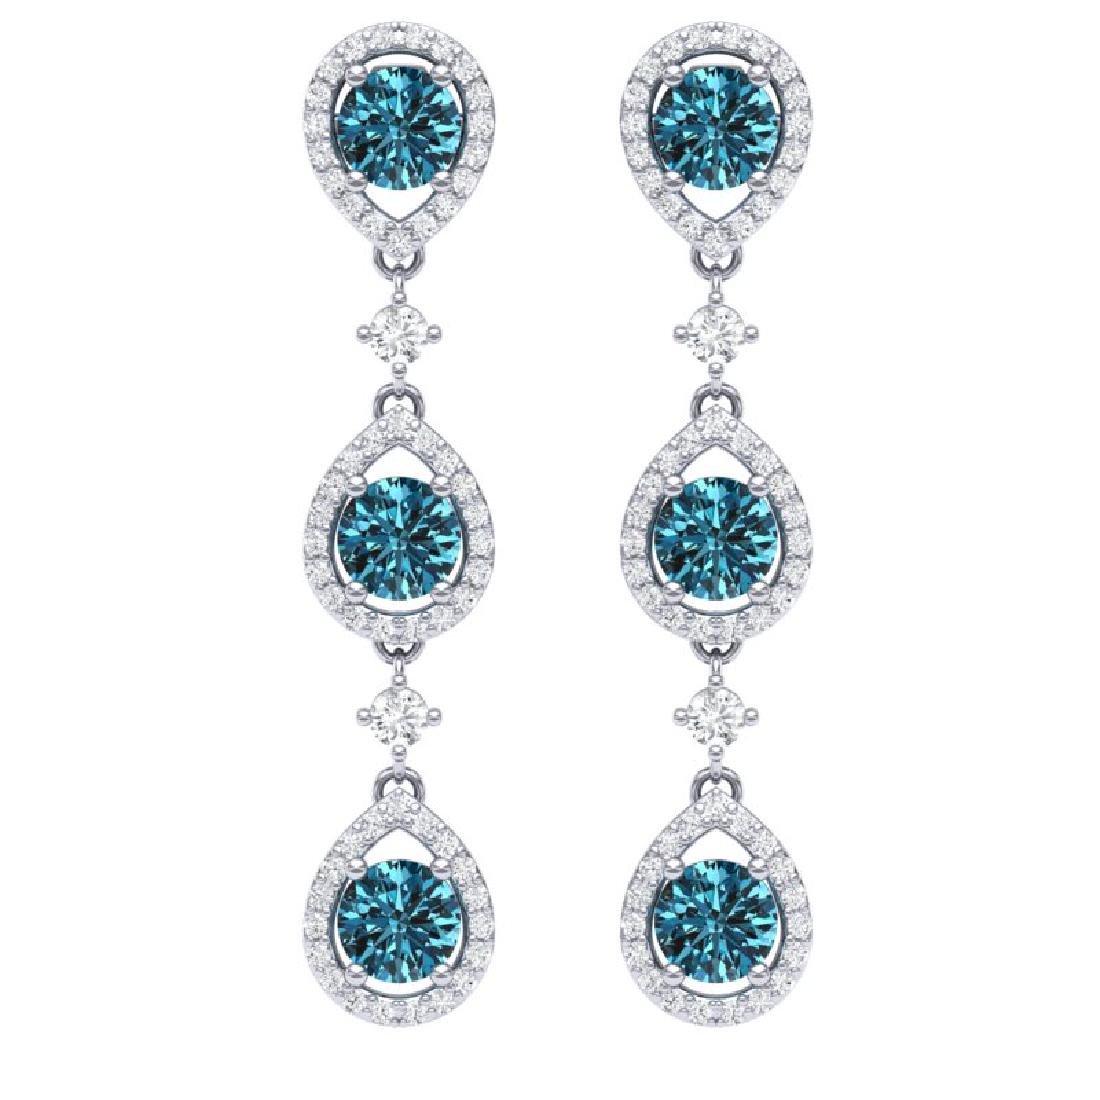 5.28 CTW Royalty Fancy Blue, SI Diamond Earrings 18K